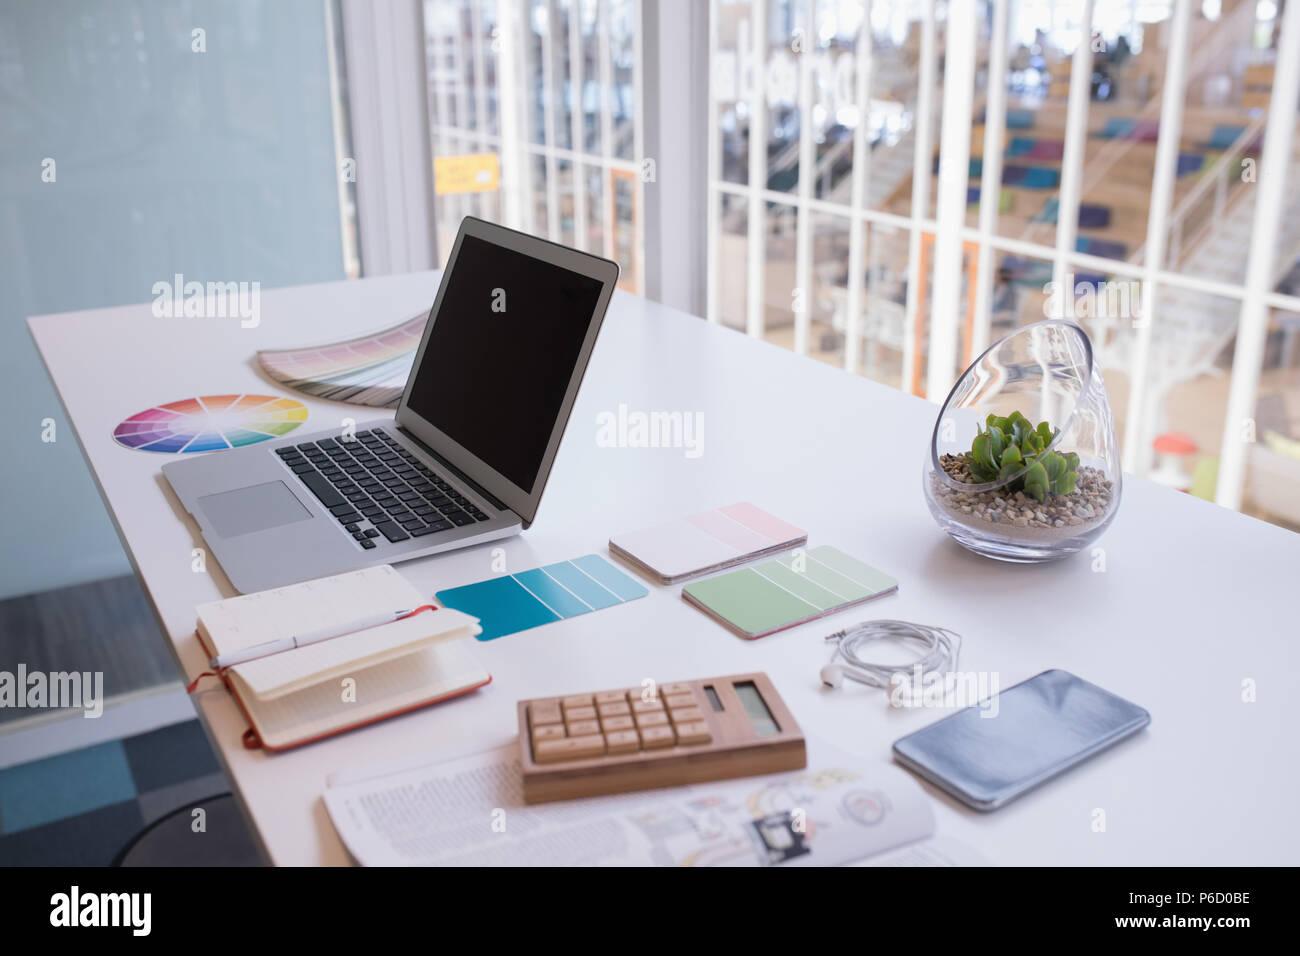 Laptop und Farbmuster am Schreibtisch Stockfoto